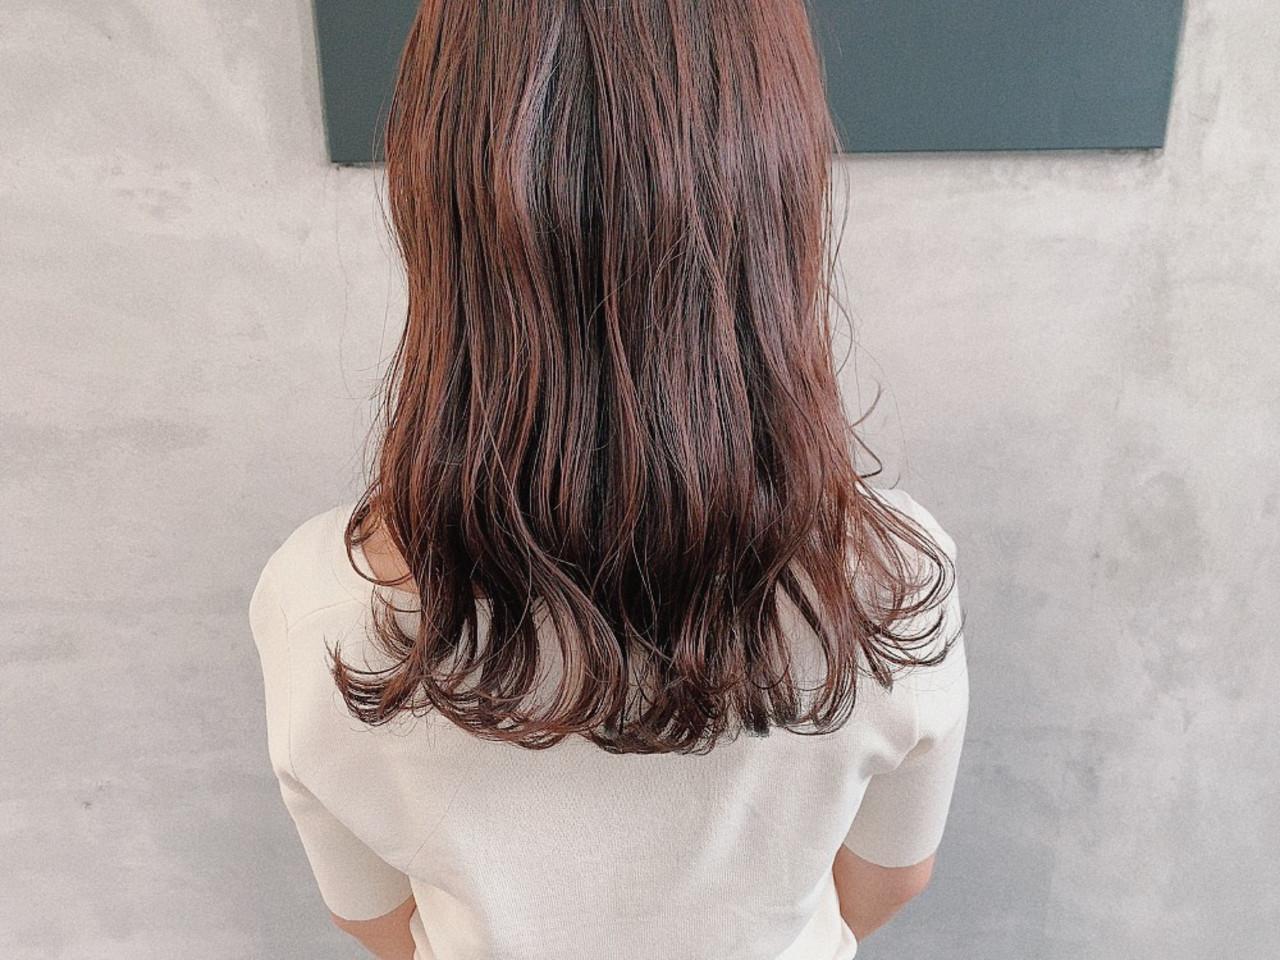 セミロング ナチュラル バイオレットカラー ゆるナチュラル ヘアスタイルや髪型の写真・画像